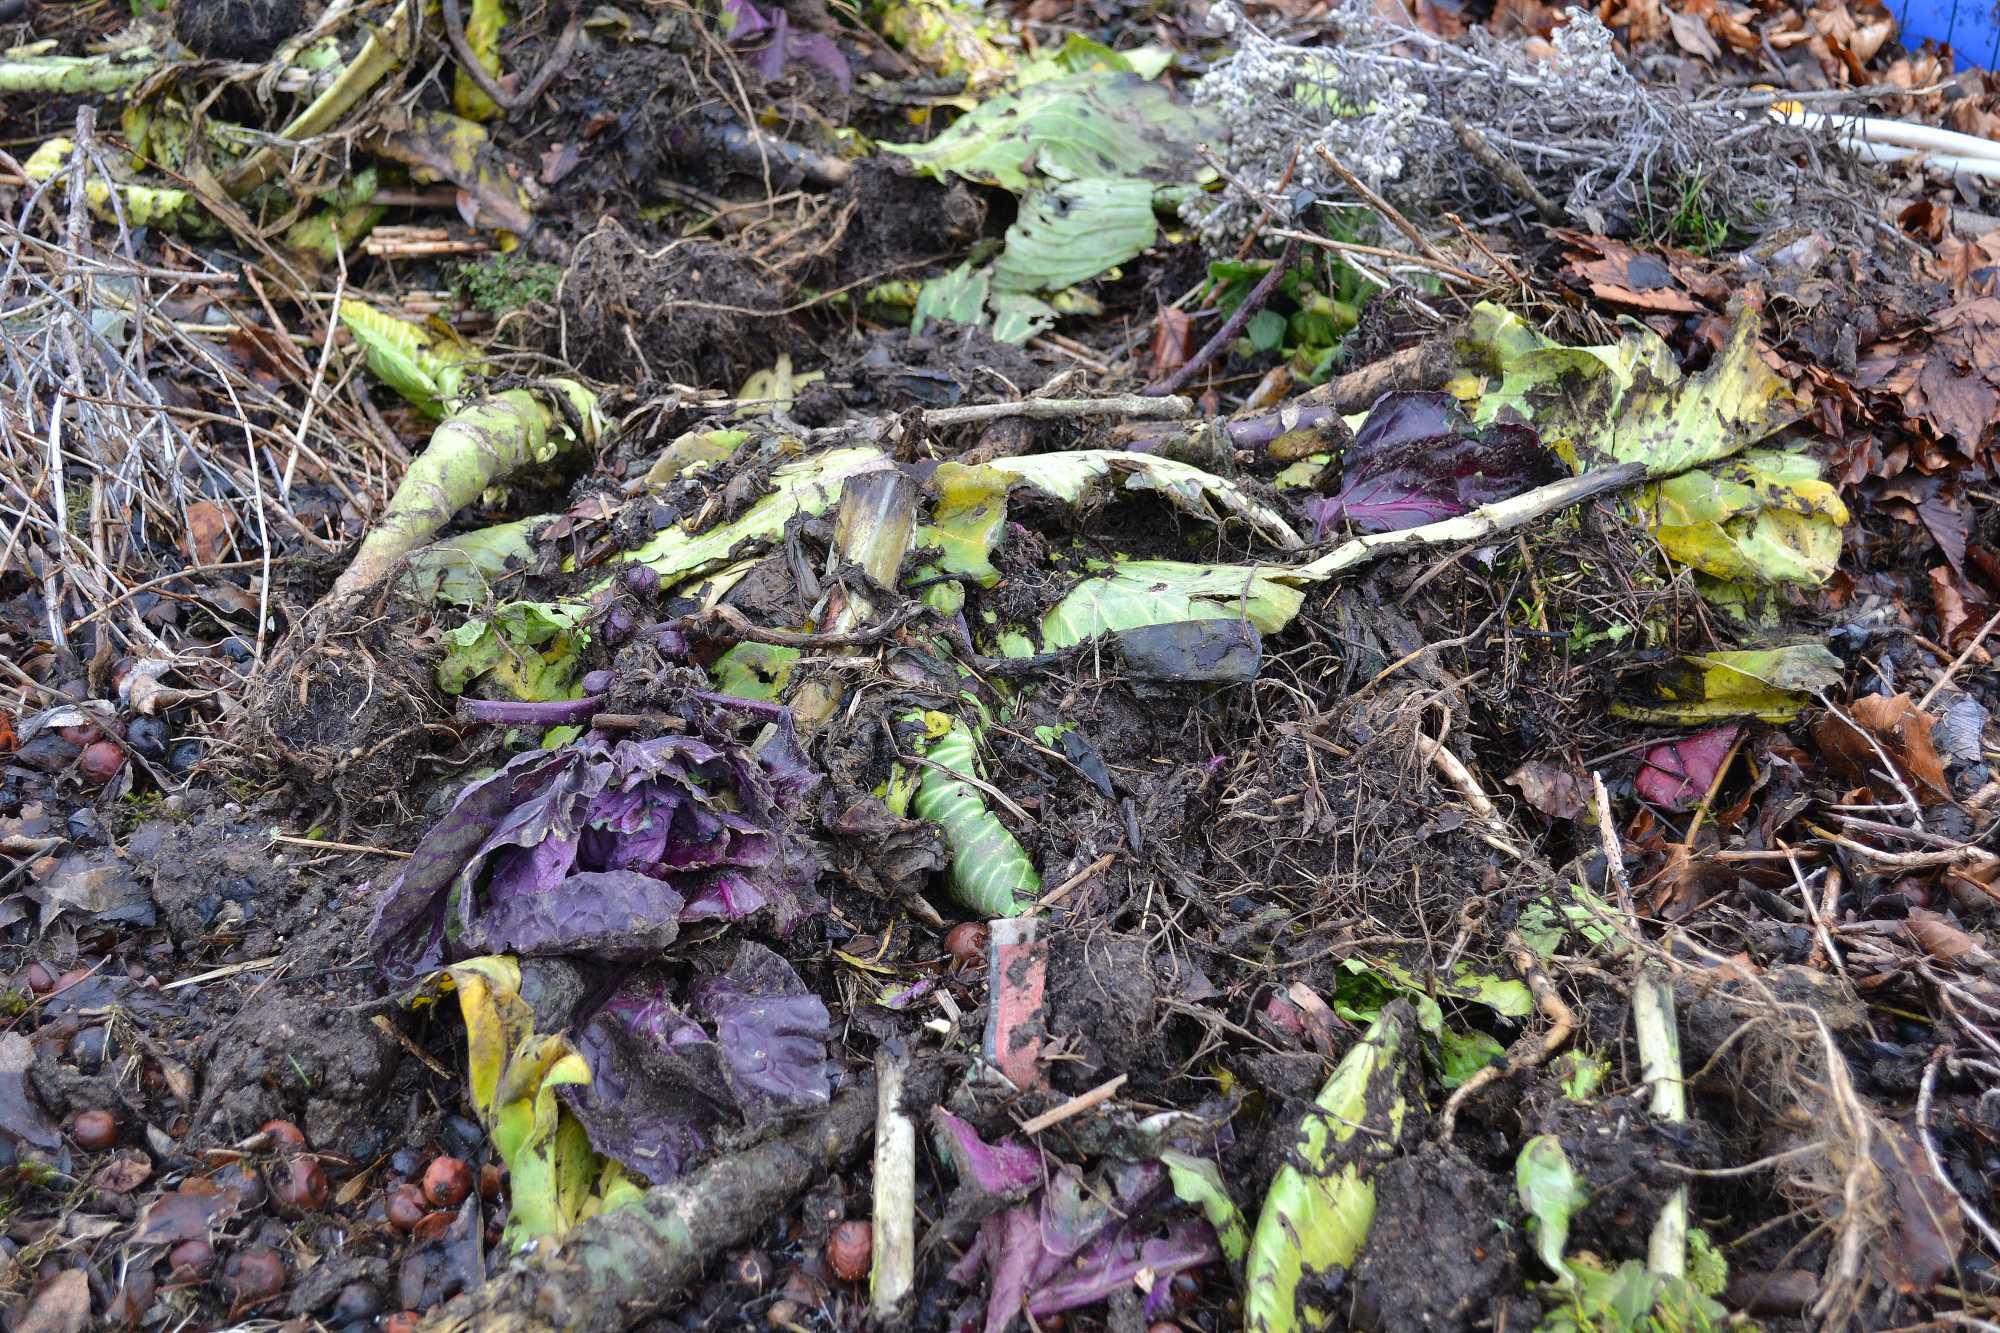 En jord med gamla rester av grönsaker och blad på.